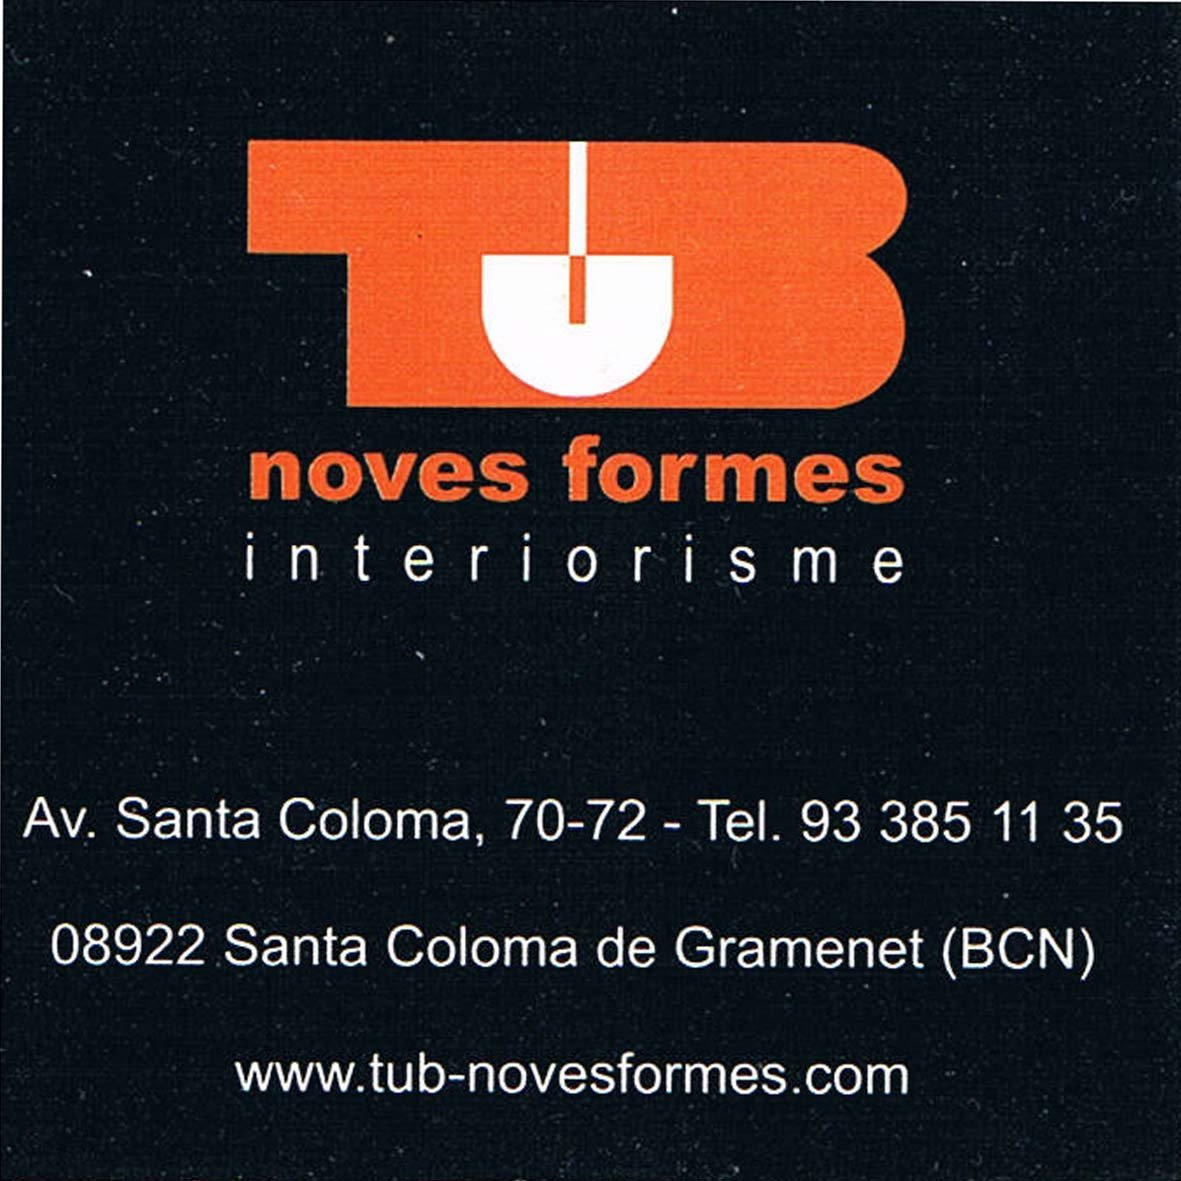 Tub - Noves Formes Interiorisme